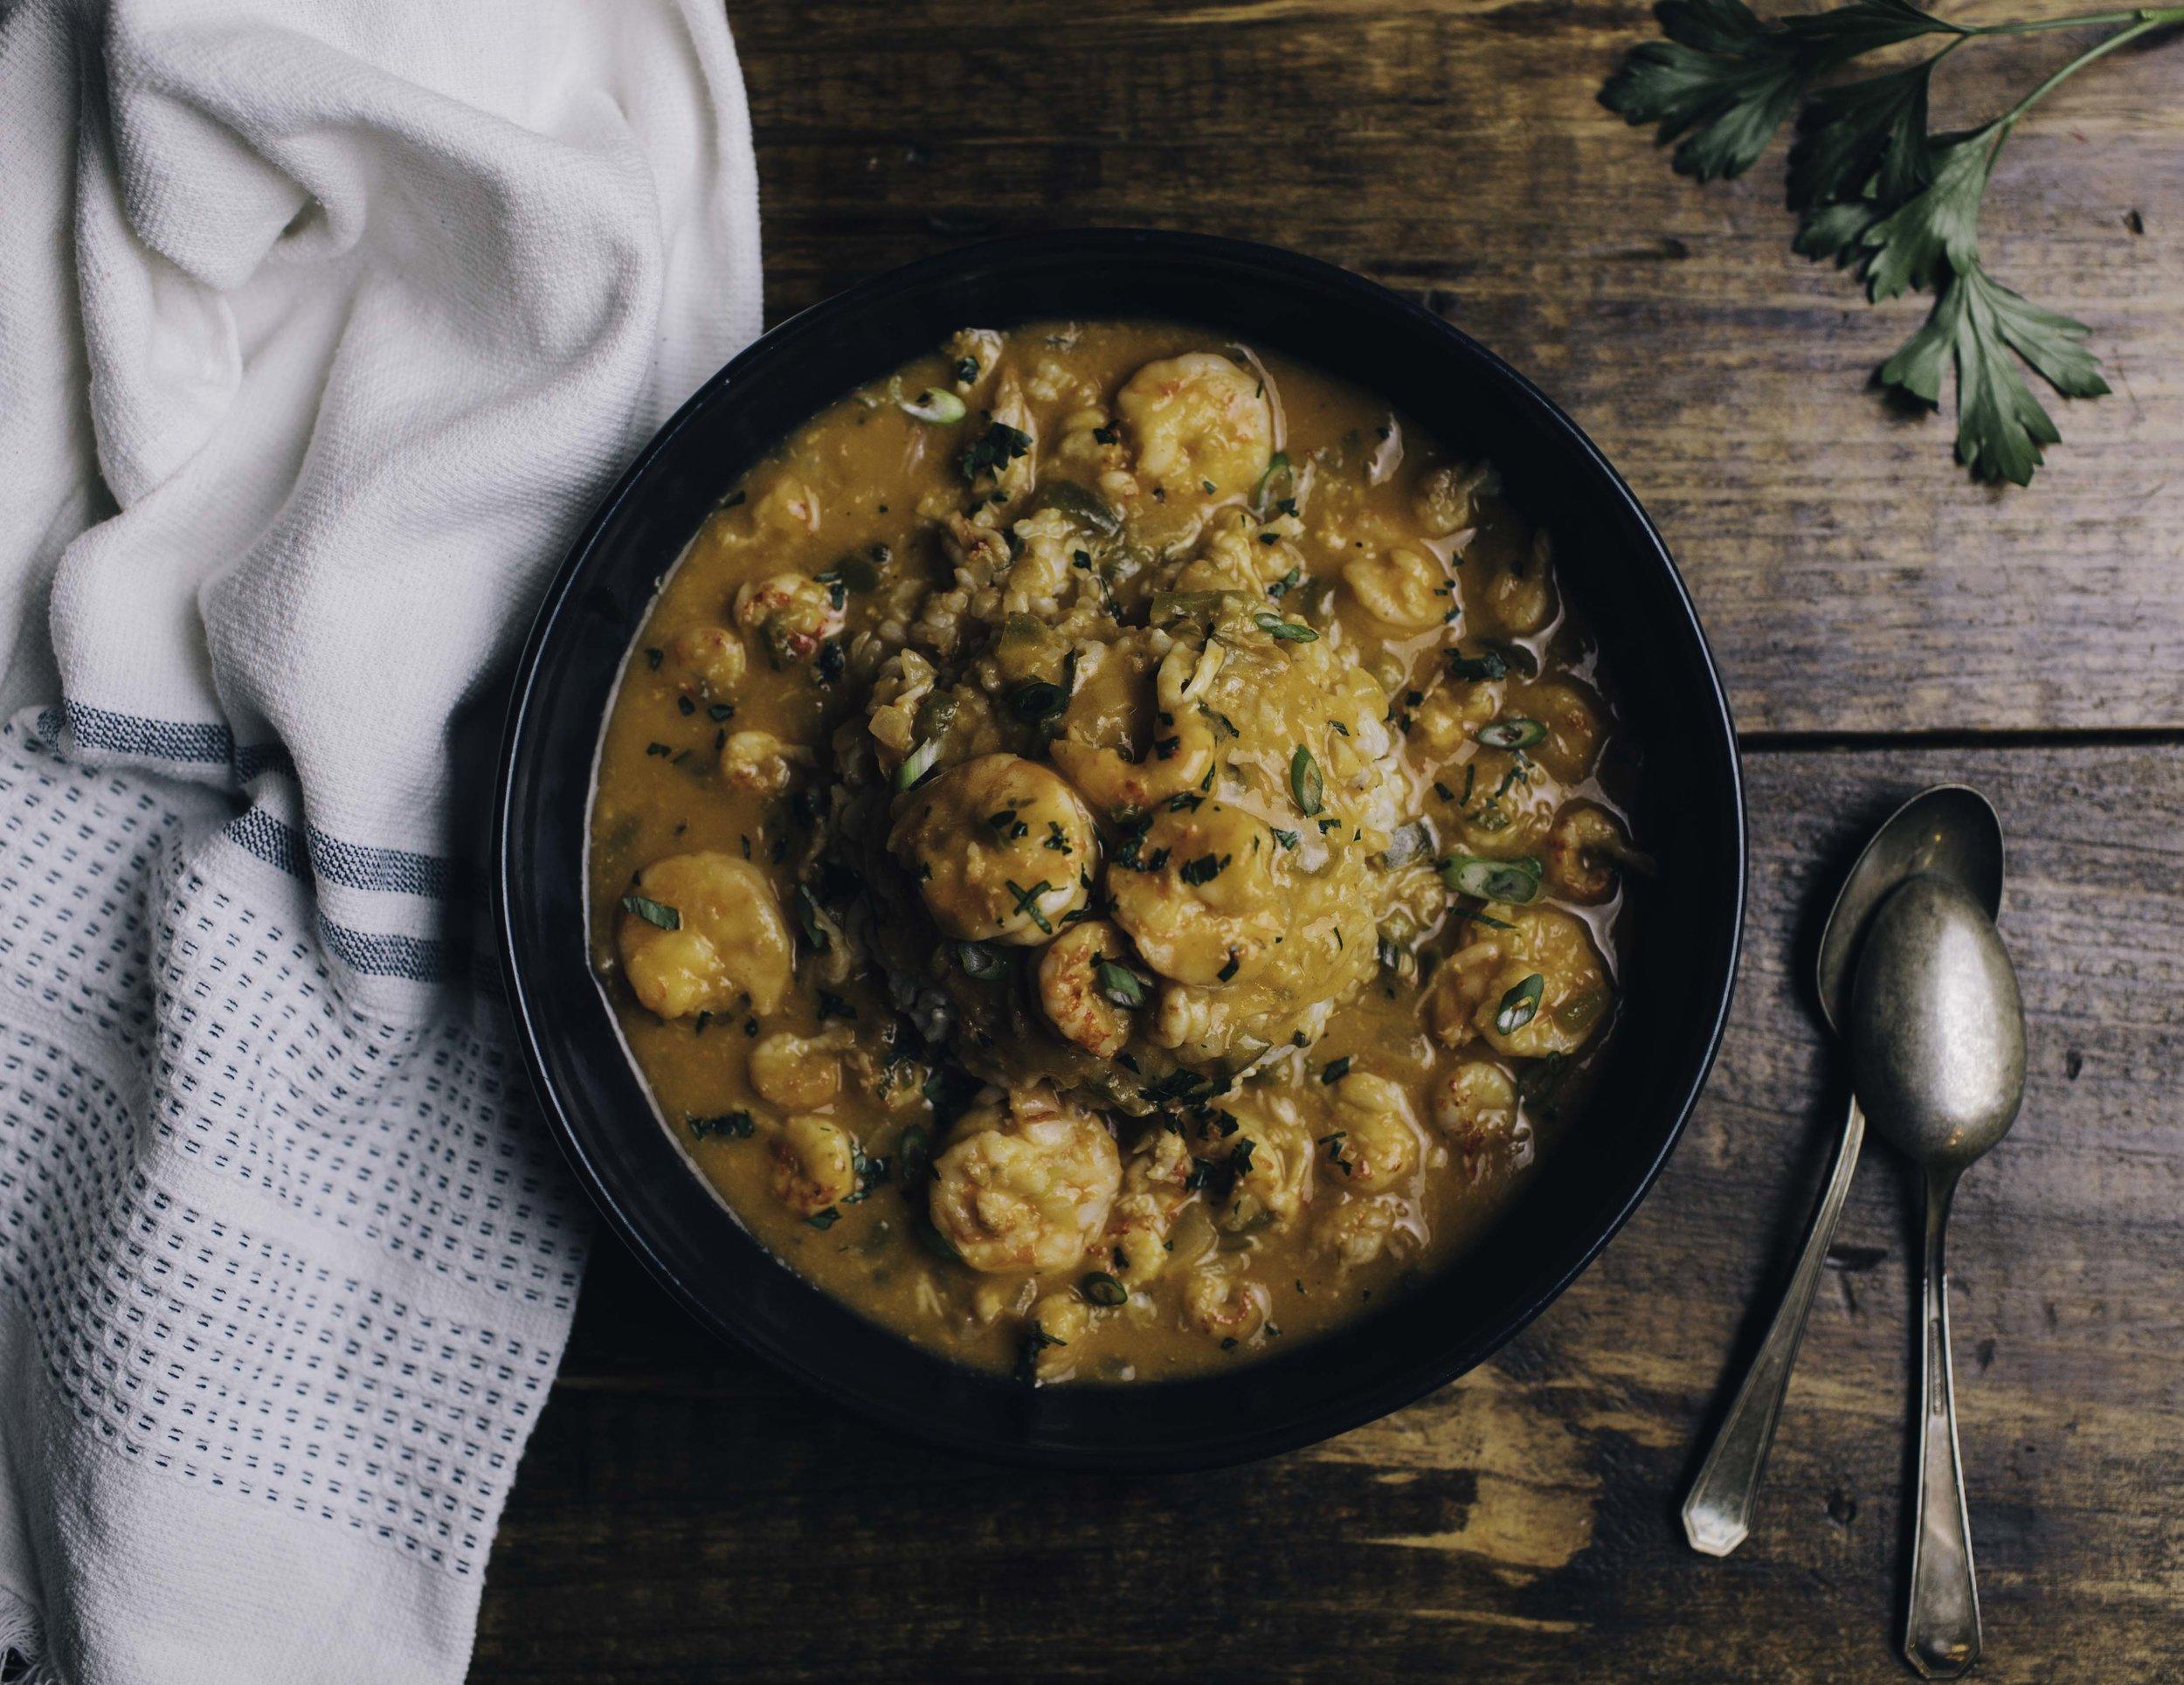 Shrimp & Crawfish Etouffee